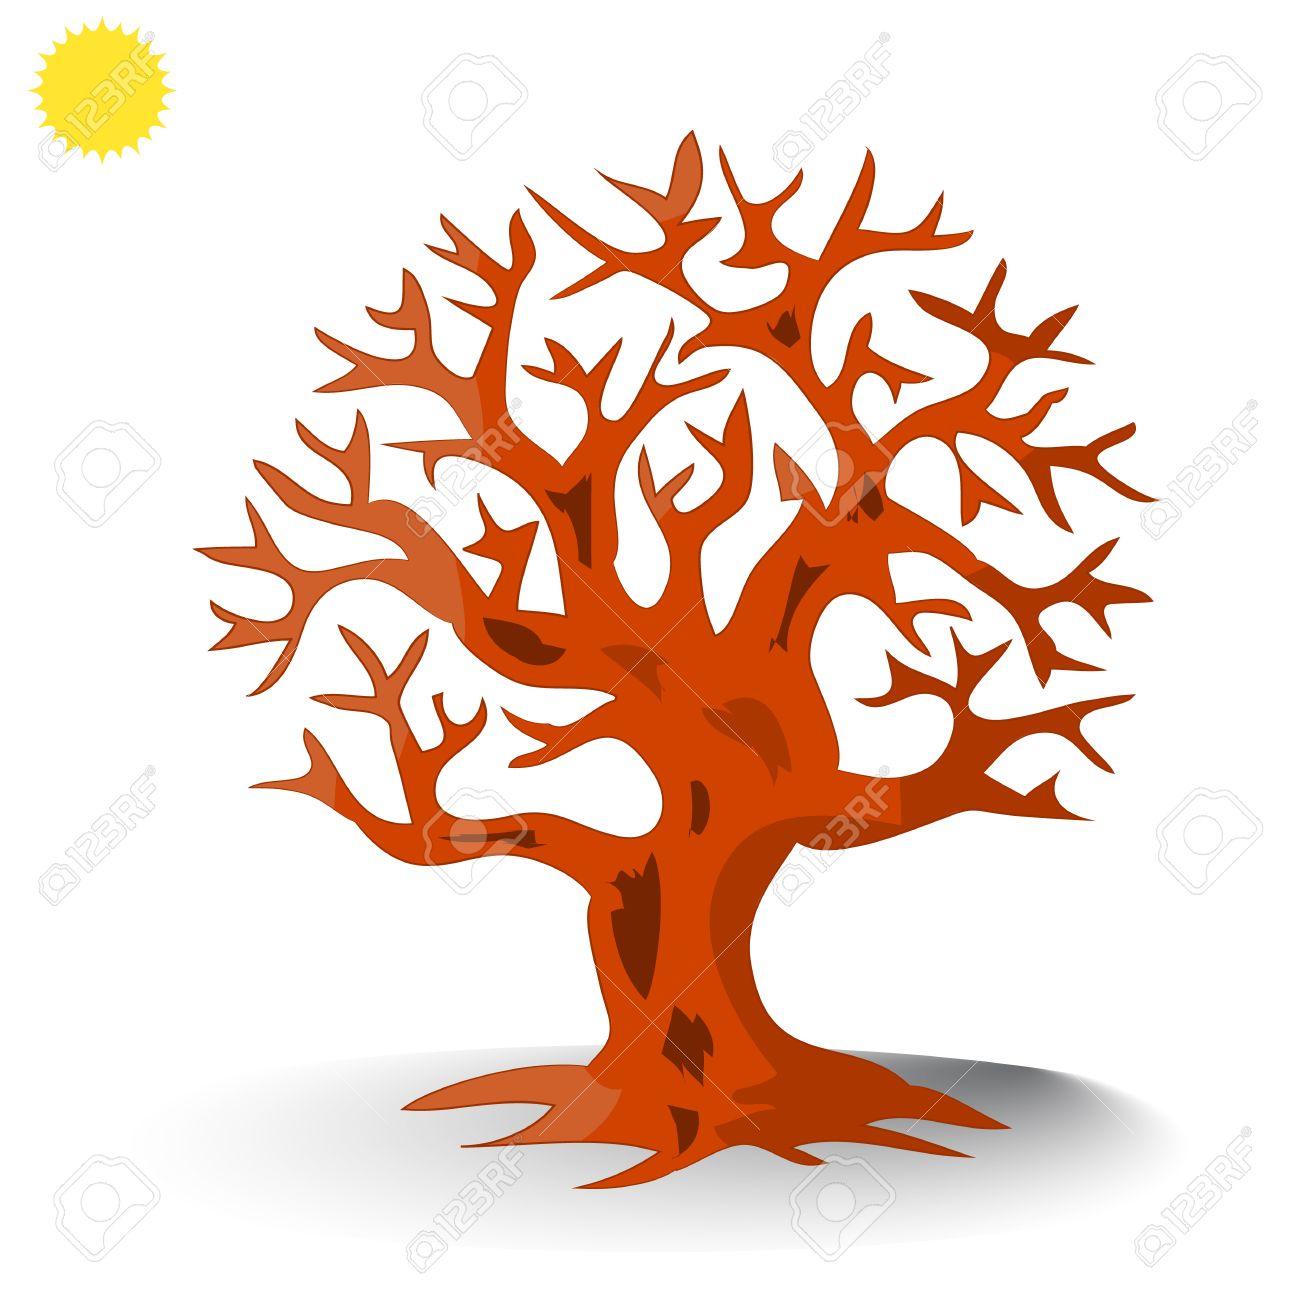 Brown árbol Sin Silueta De Hojas Dibujos Animados Sobre Fondo